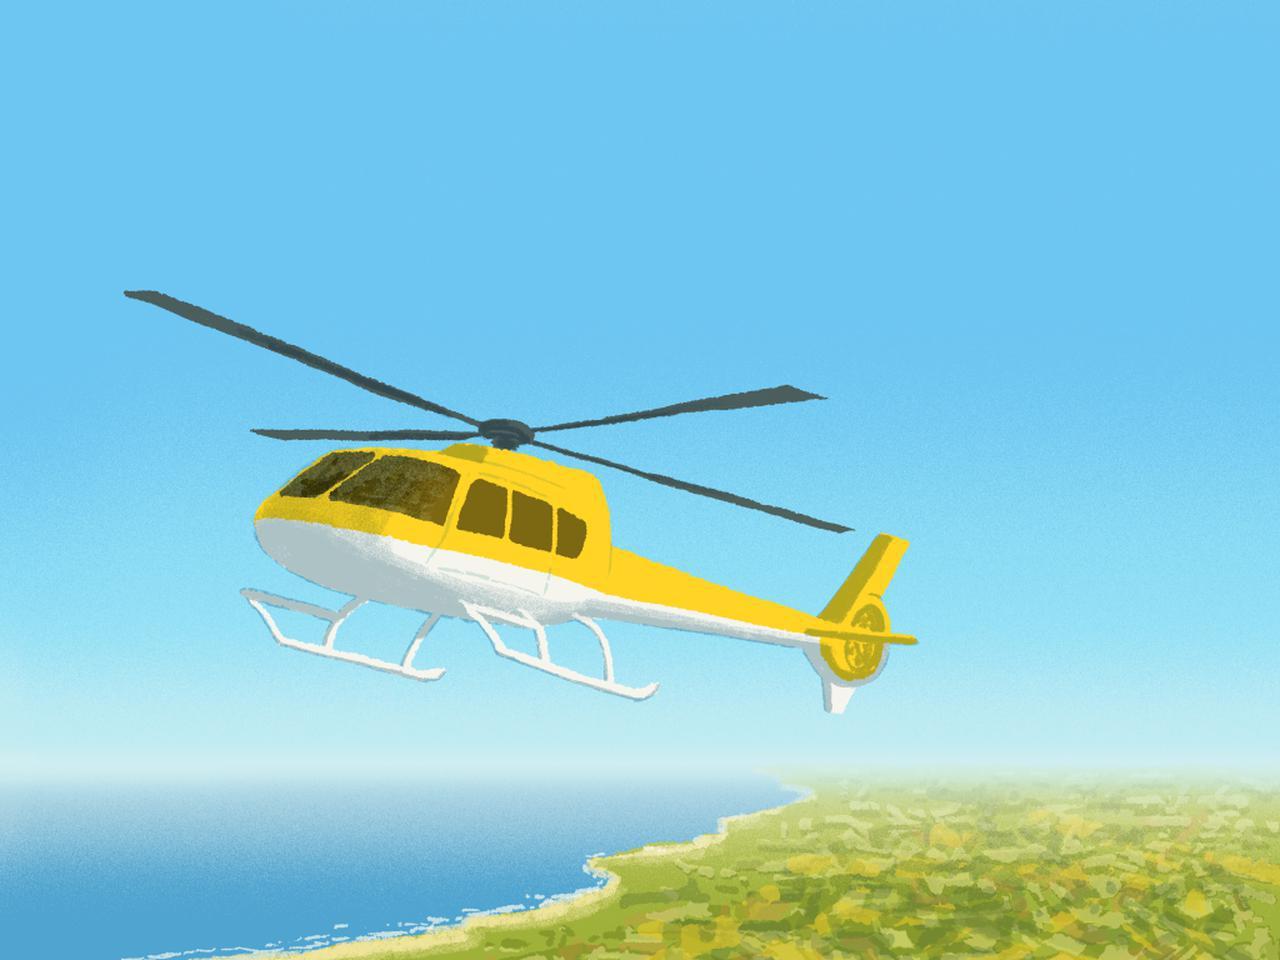 画像: ヘリコプターも、上部のプロペラが回ると、下部の機体には逆方向に回転(ツイスト)しようとする力が働く。これはニュートンの第三法則「作用・反作用の法則」によるもの。機体の回転を防ぐために、後部に「テールローター」と呼ばれる機構が搭載されている。